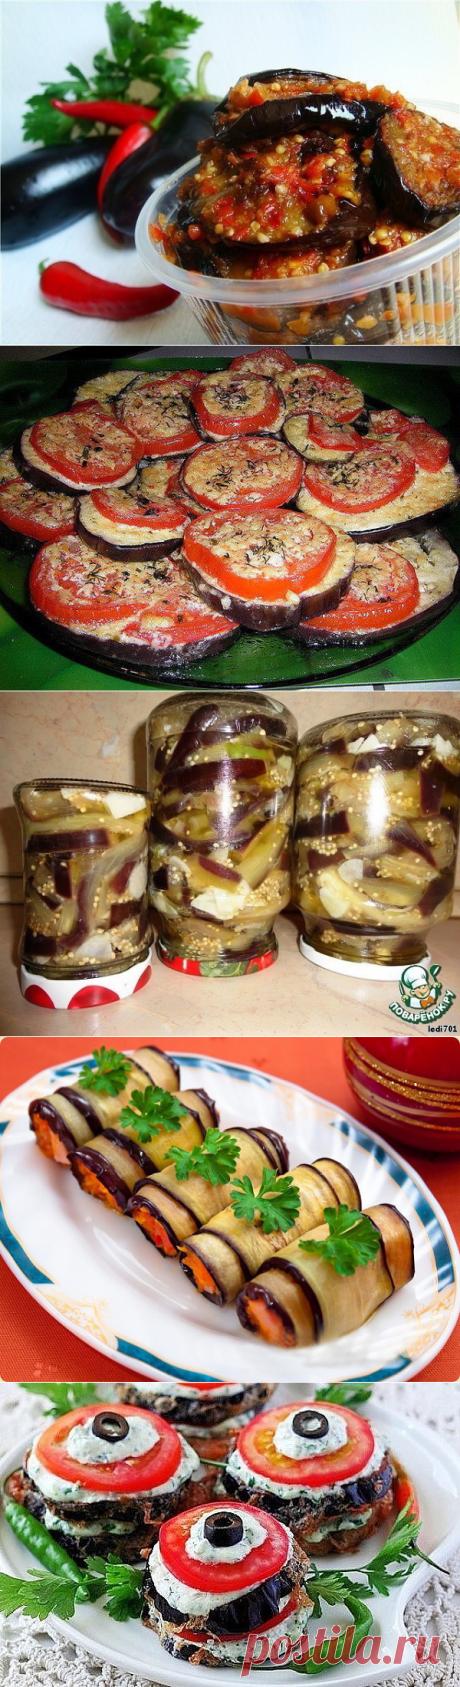 Los platos de la berenjena